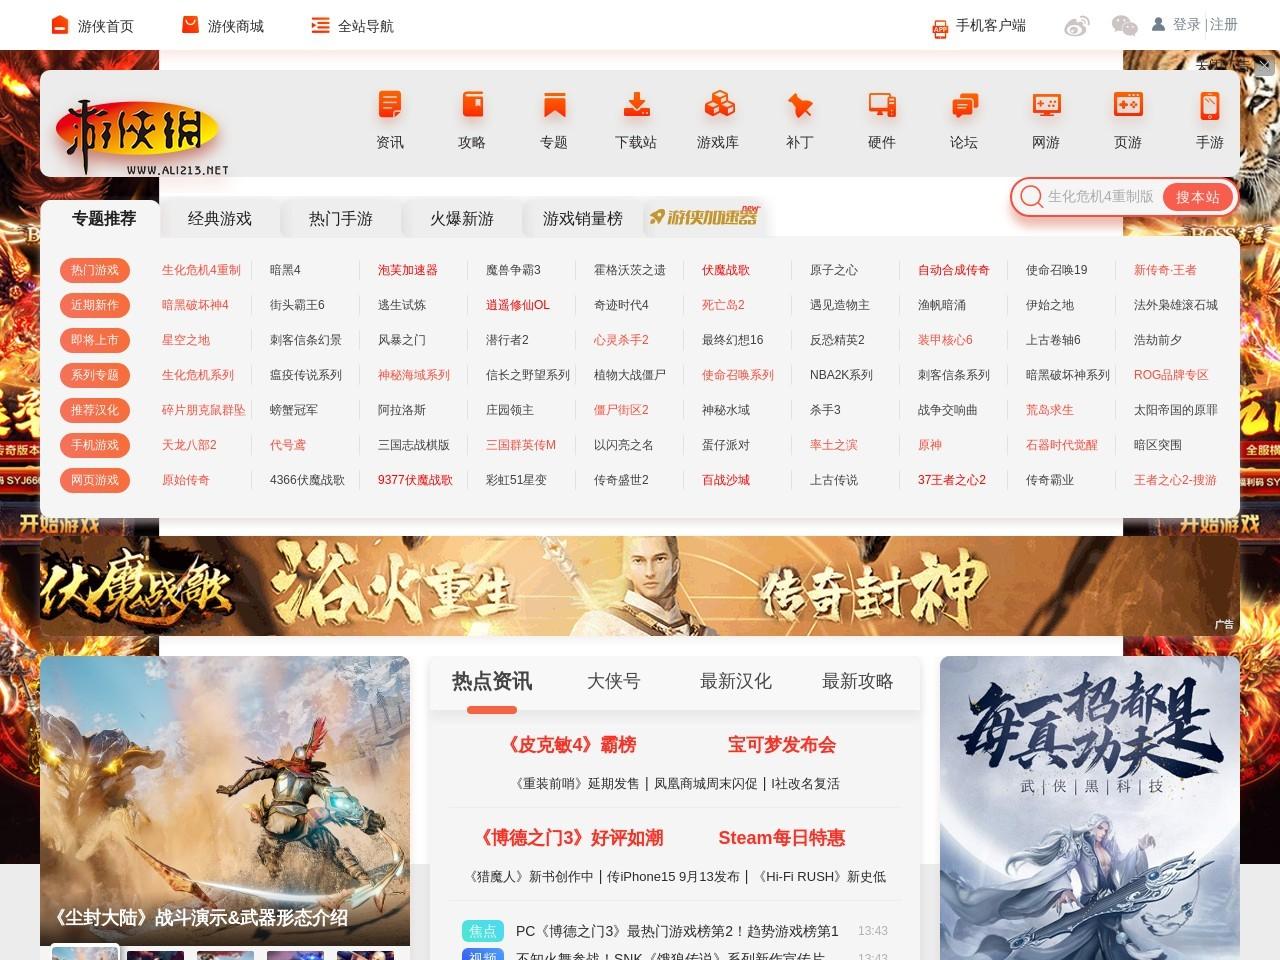 《三国群英传2》网络版新副本「宛城之战」简介_游侠网 Ali213.net